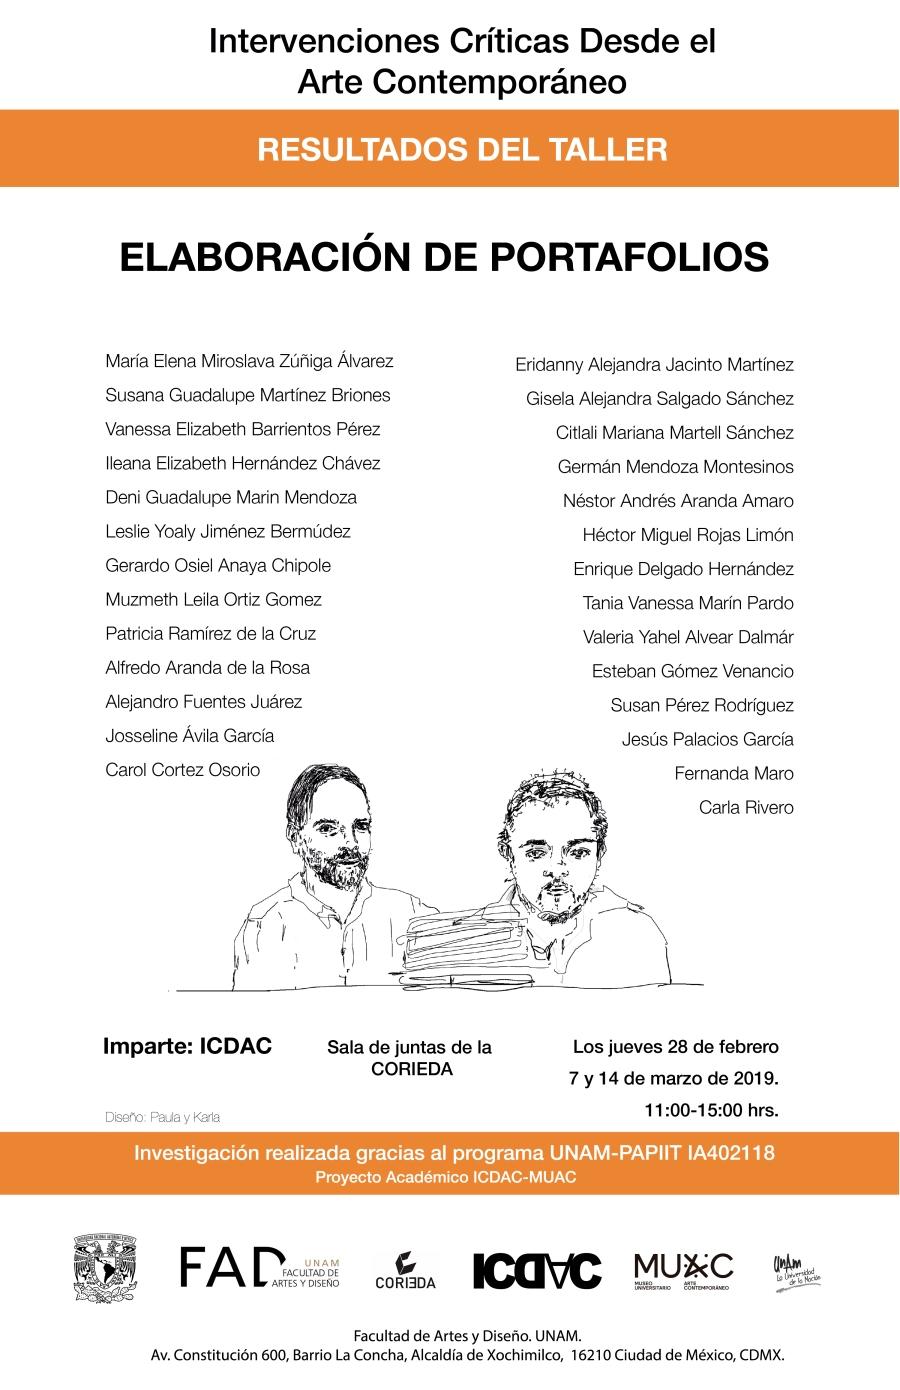 portafoliosRESULTADOS-01